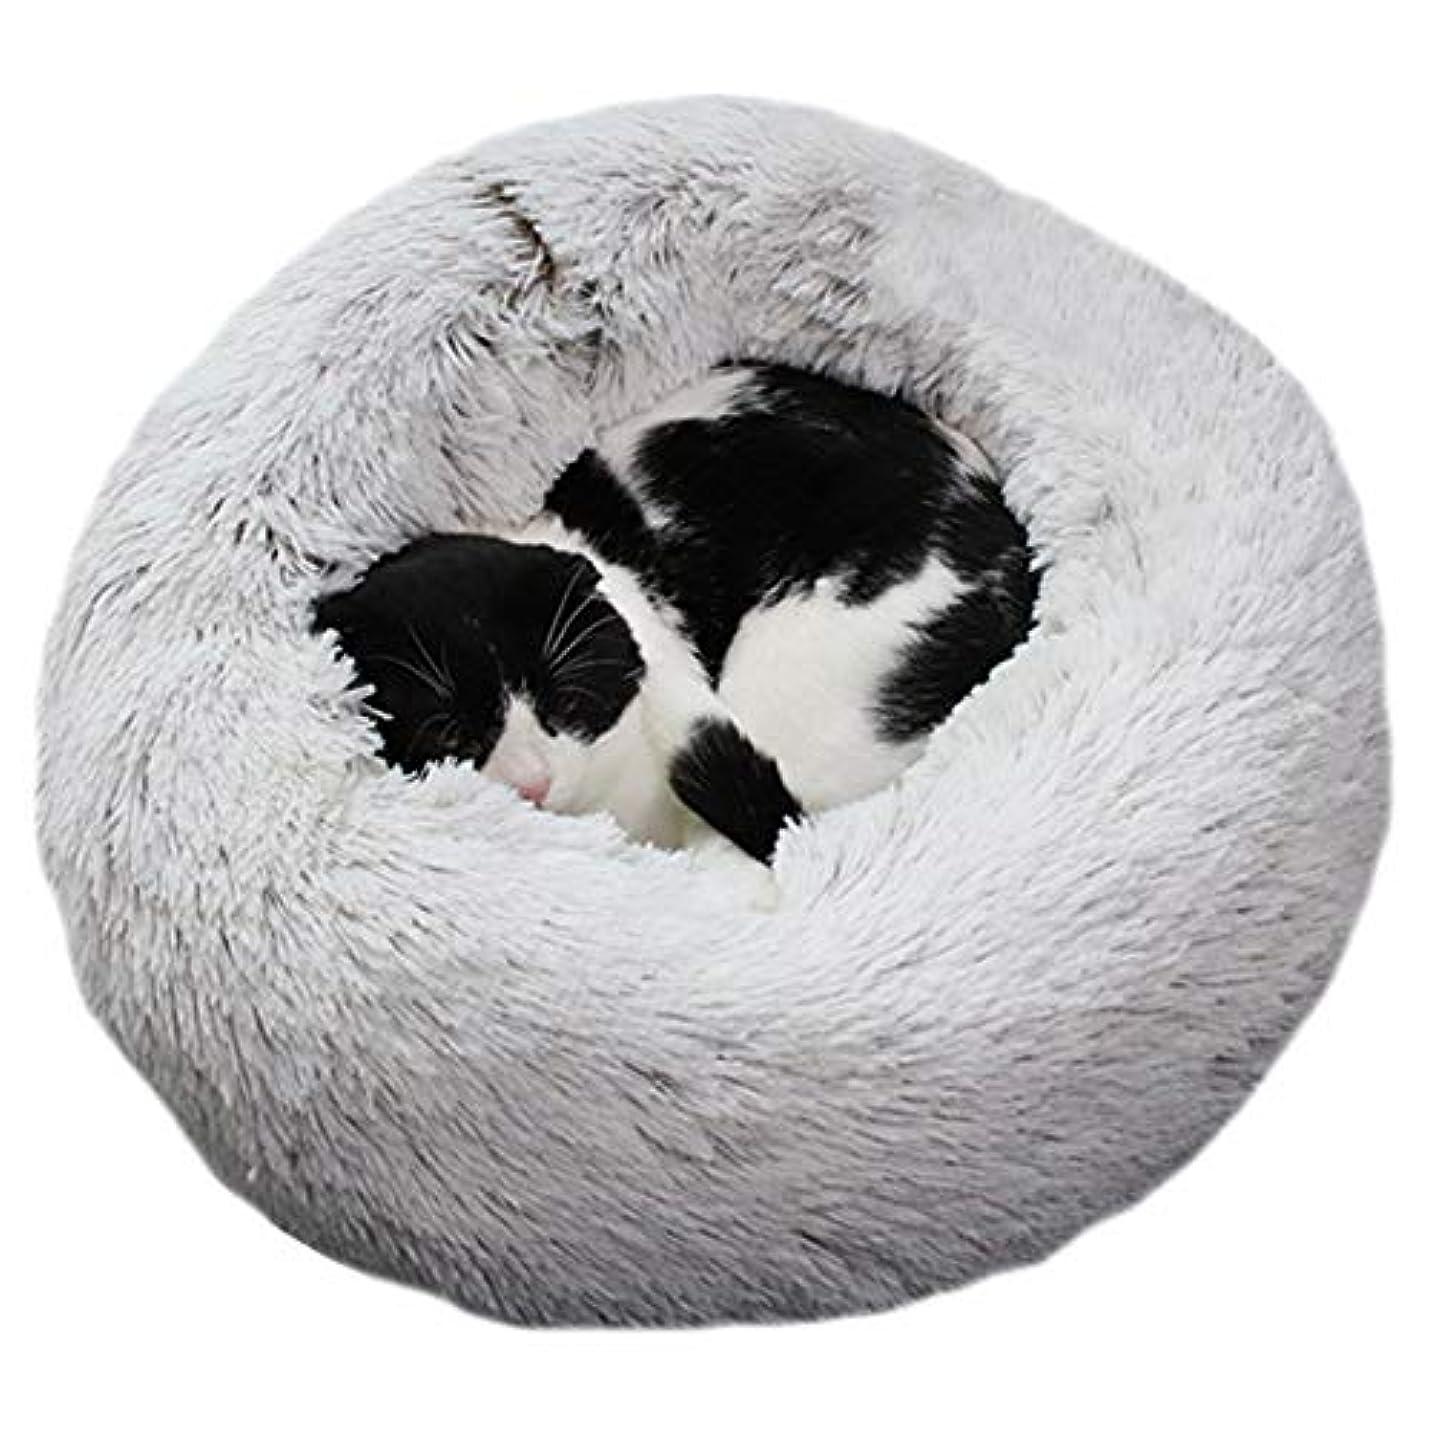 怒り電報かろうじてAlligadoペットぬいぐるみドーナツ抱きしめる猫ベッド暖かいソフト厚く高められた犬子犬マットクッション